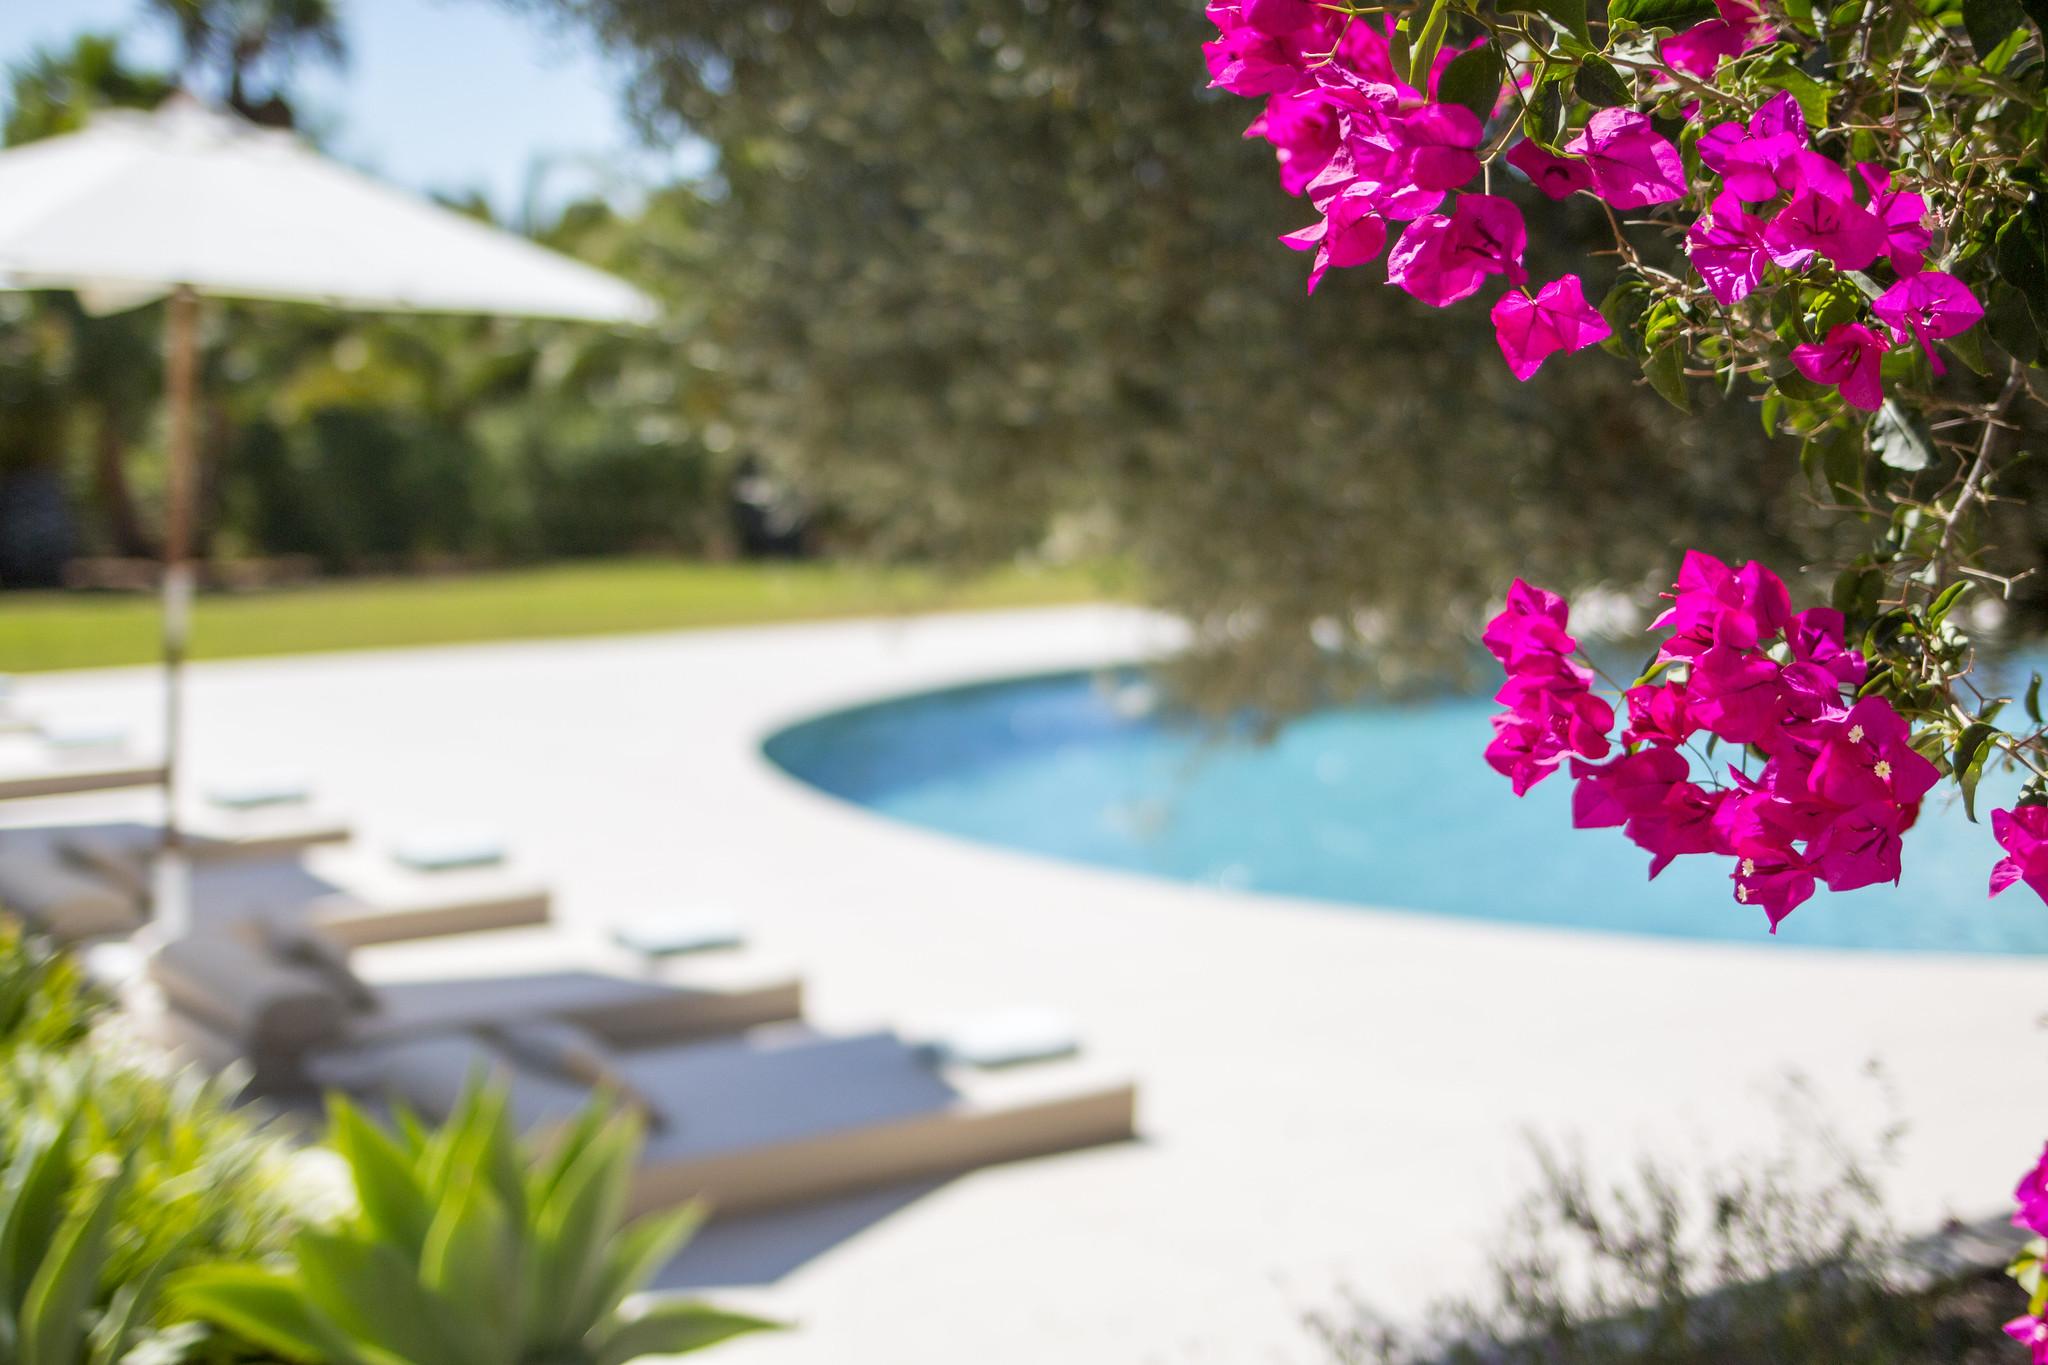 https://www.white-ibiza.com/wp-content/uploads/2020/06/white-ibiza-villas-casa-odette-exterior-bouganvillea.jpg